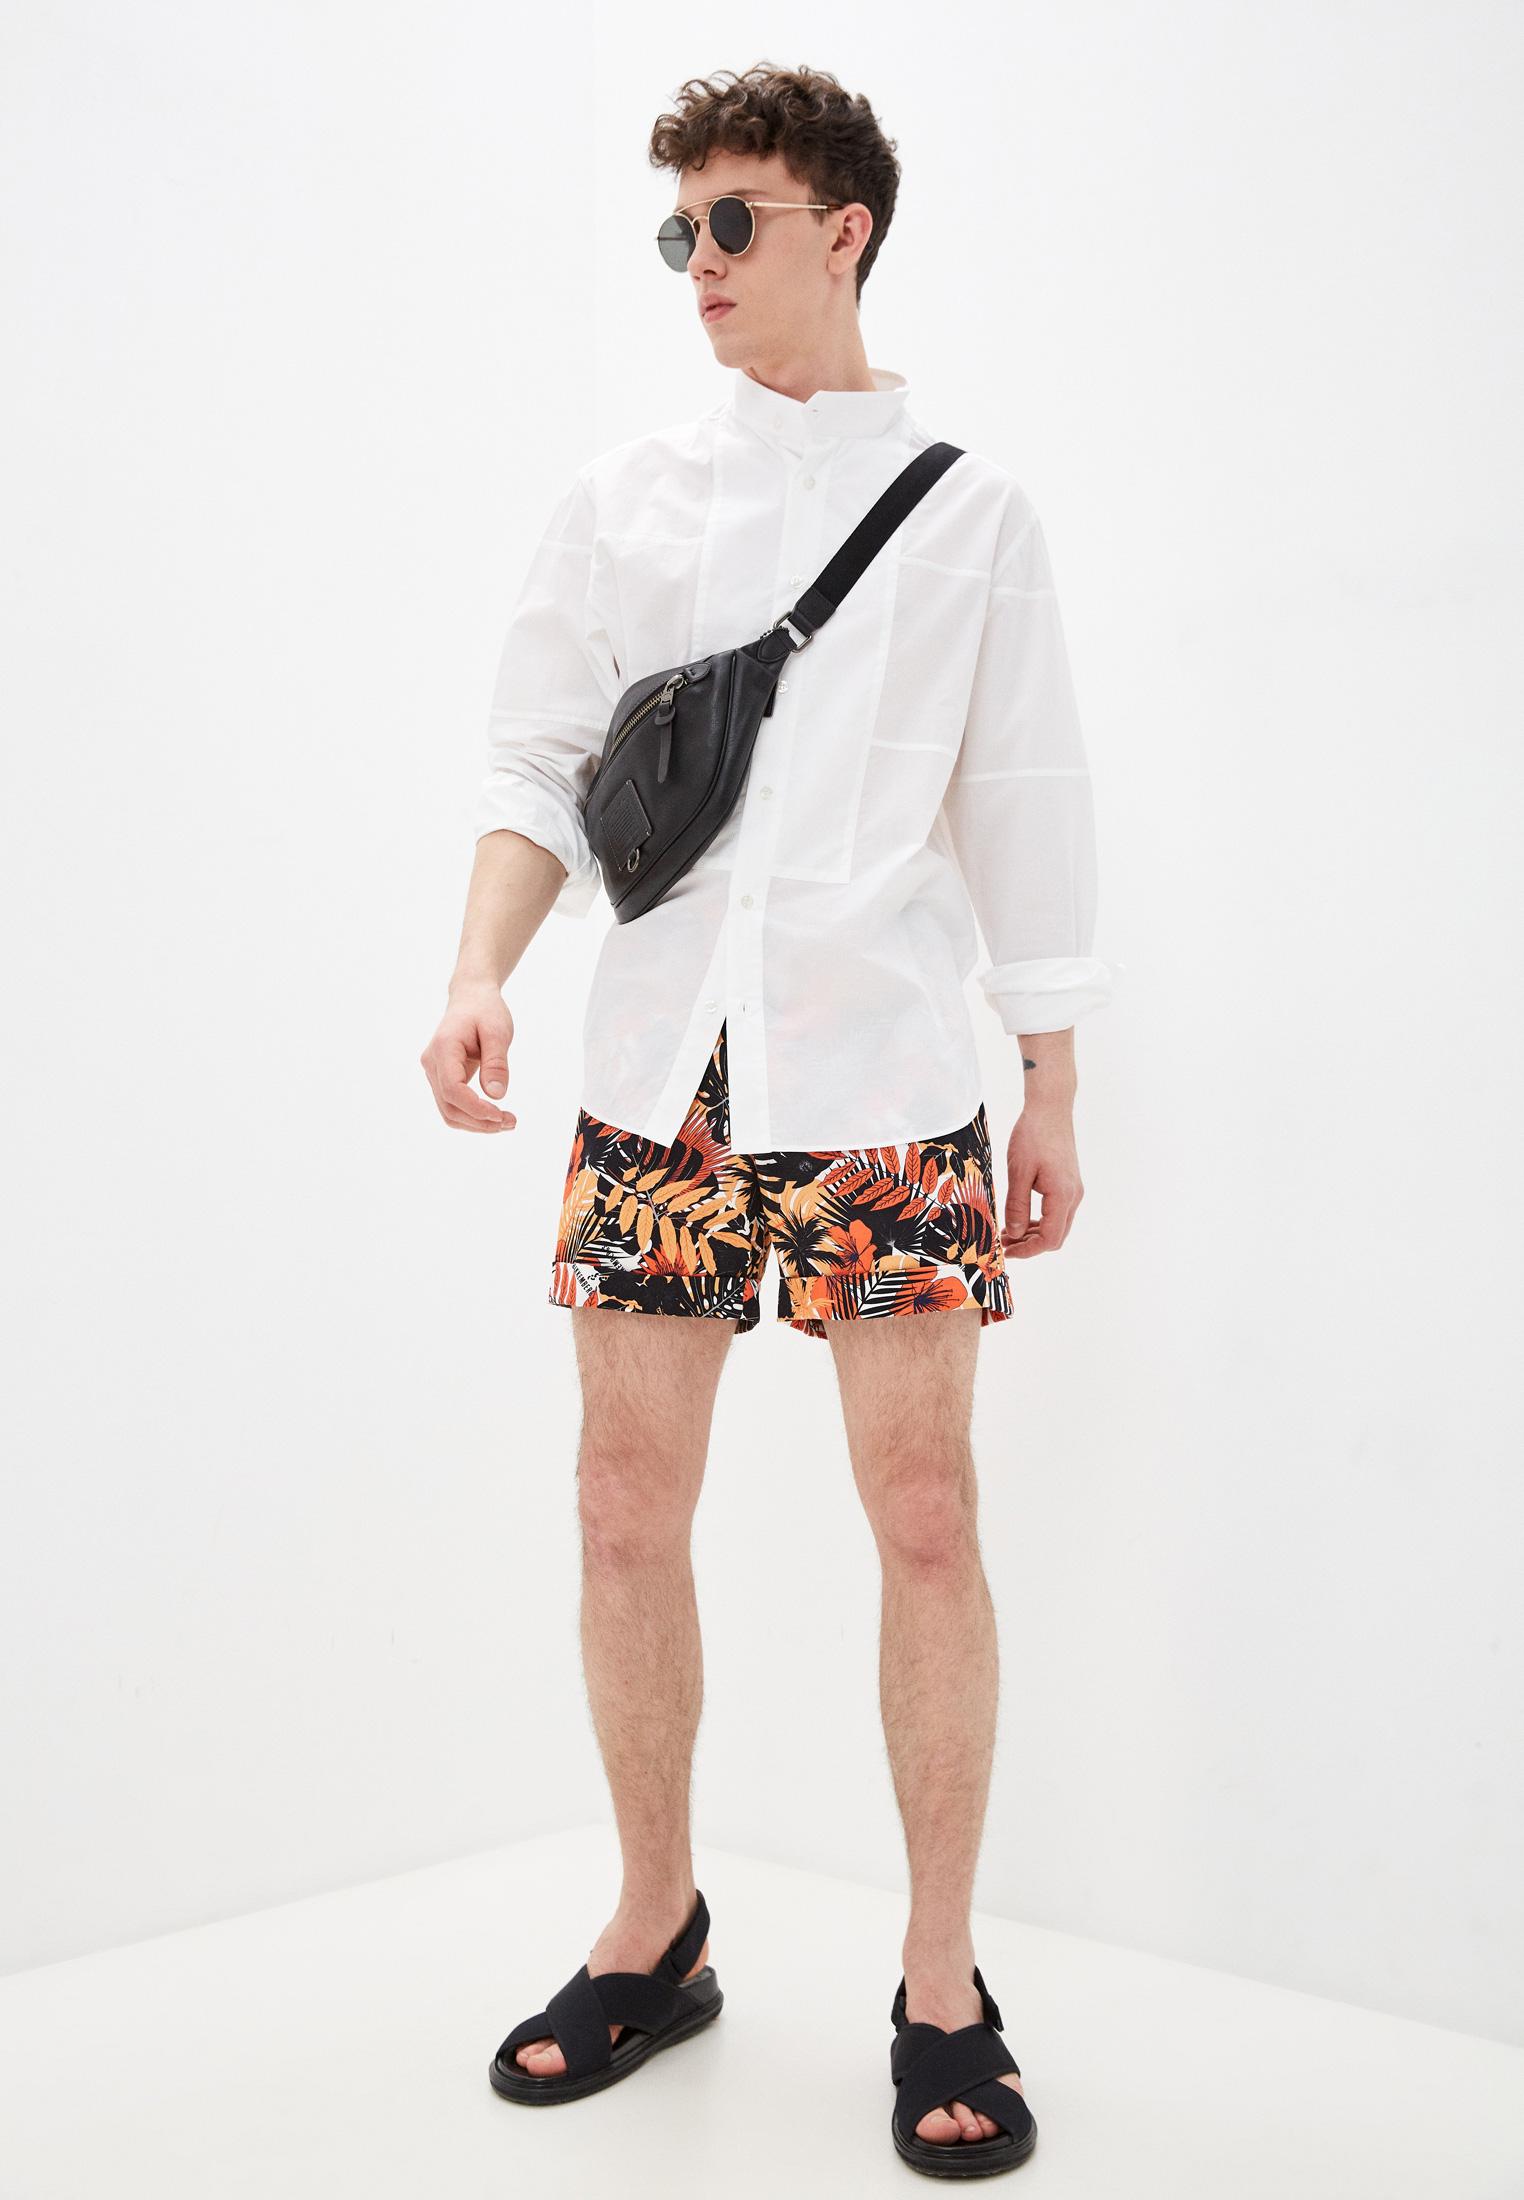 Мужские повседневные шорты Bikkembergs (Биккембергс) C O 012 00 S 3273: изображение 3